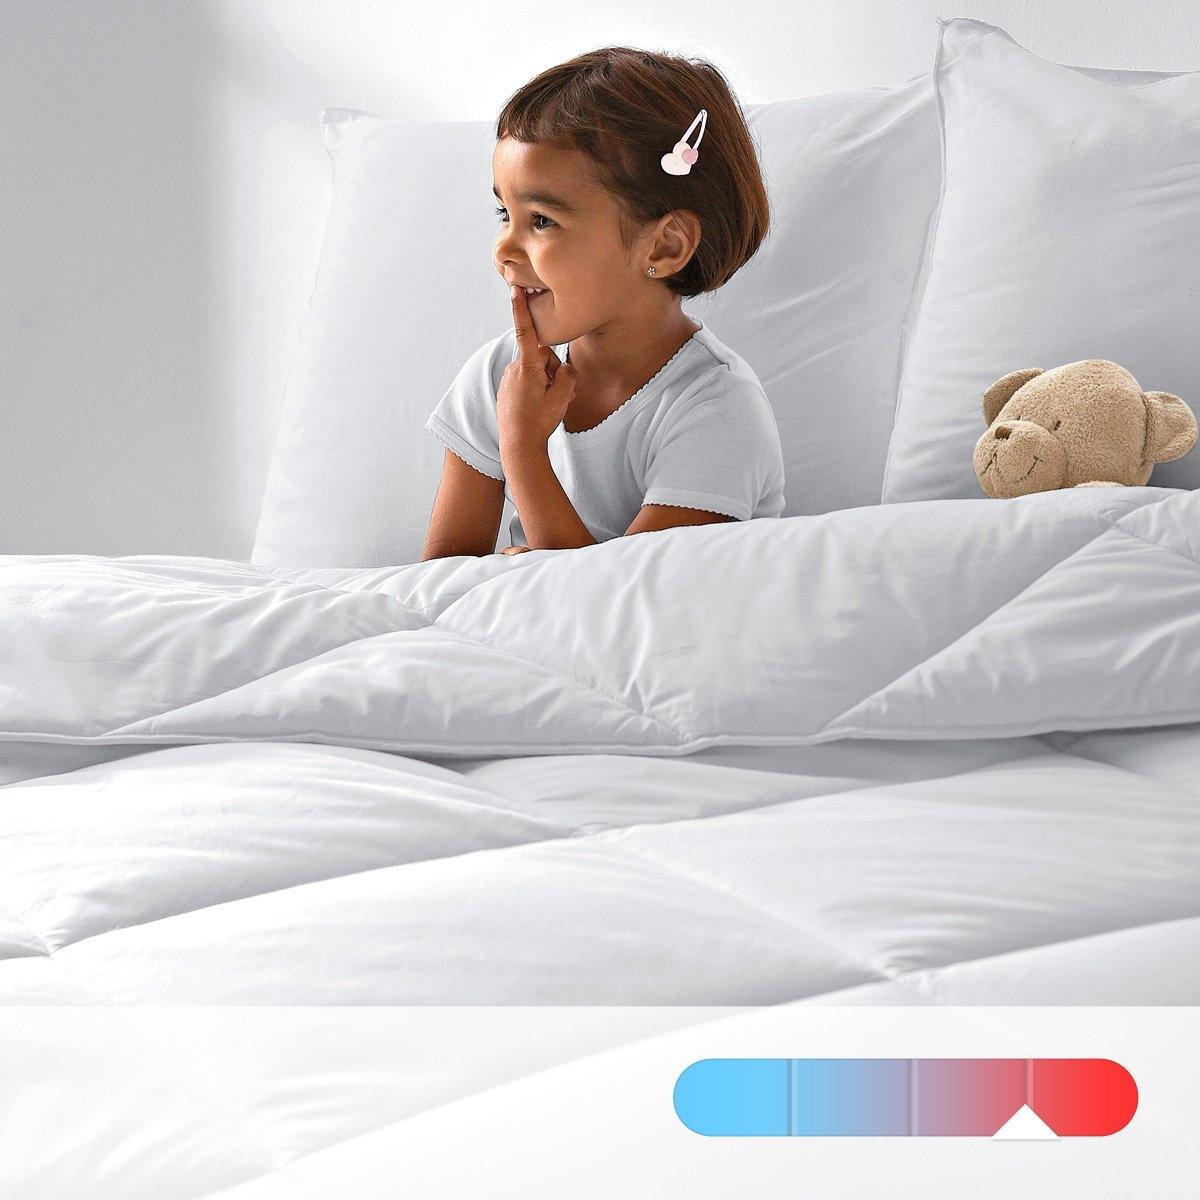 Одеяло LA REDOUTE CREATION, 500 г/м²